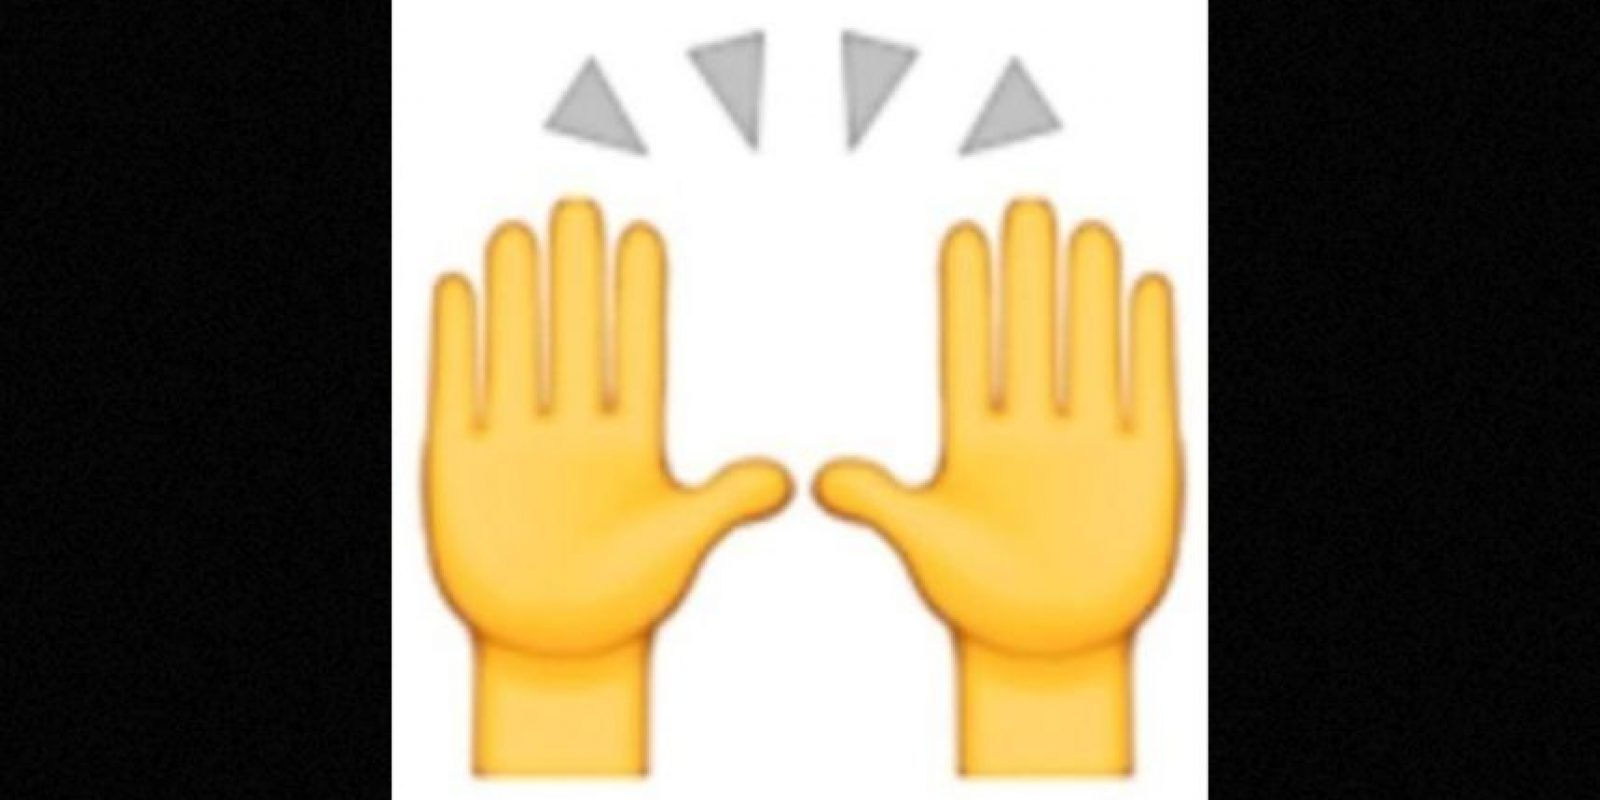 Las dos manos en muchas ocasiones son empleadas para alabar u orar, pero en realidad representan la celebración del éxito u otro acontecimiento feliz Foto: emojipedia.org